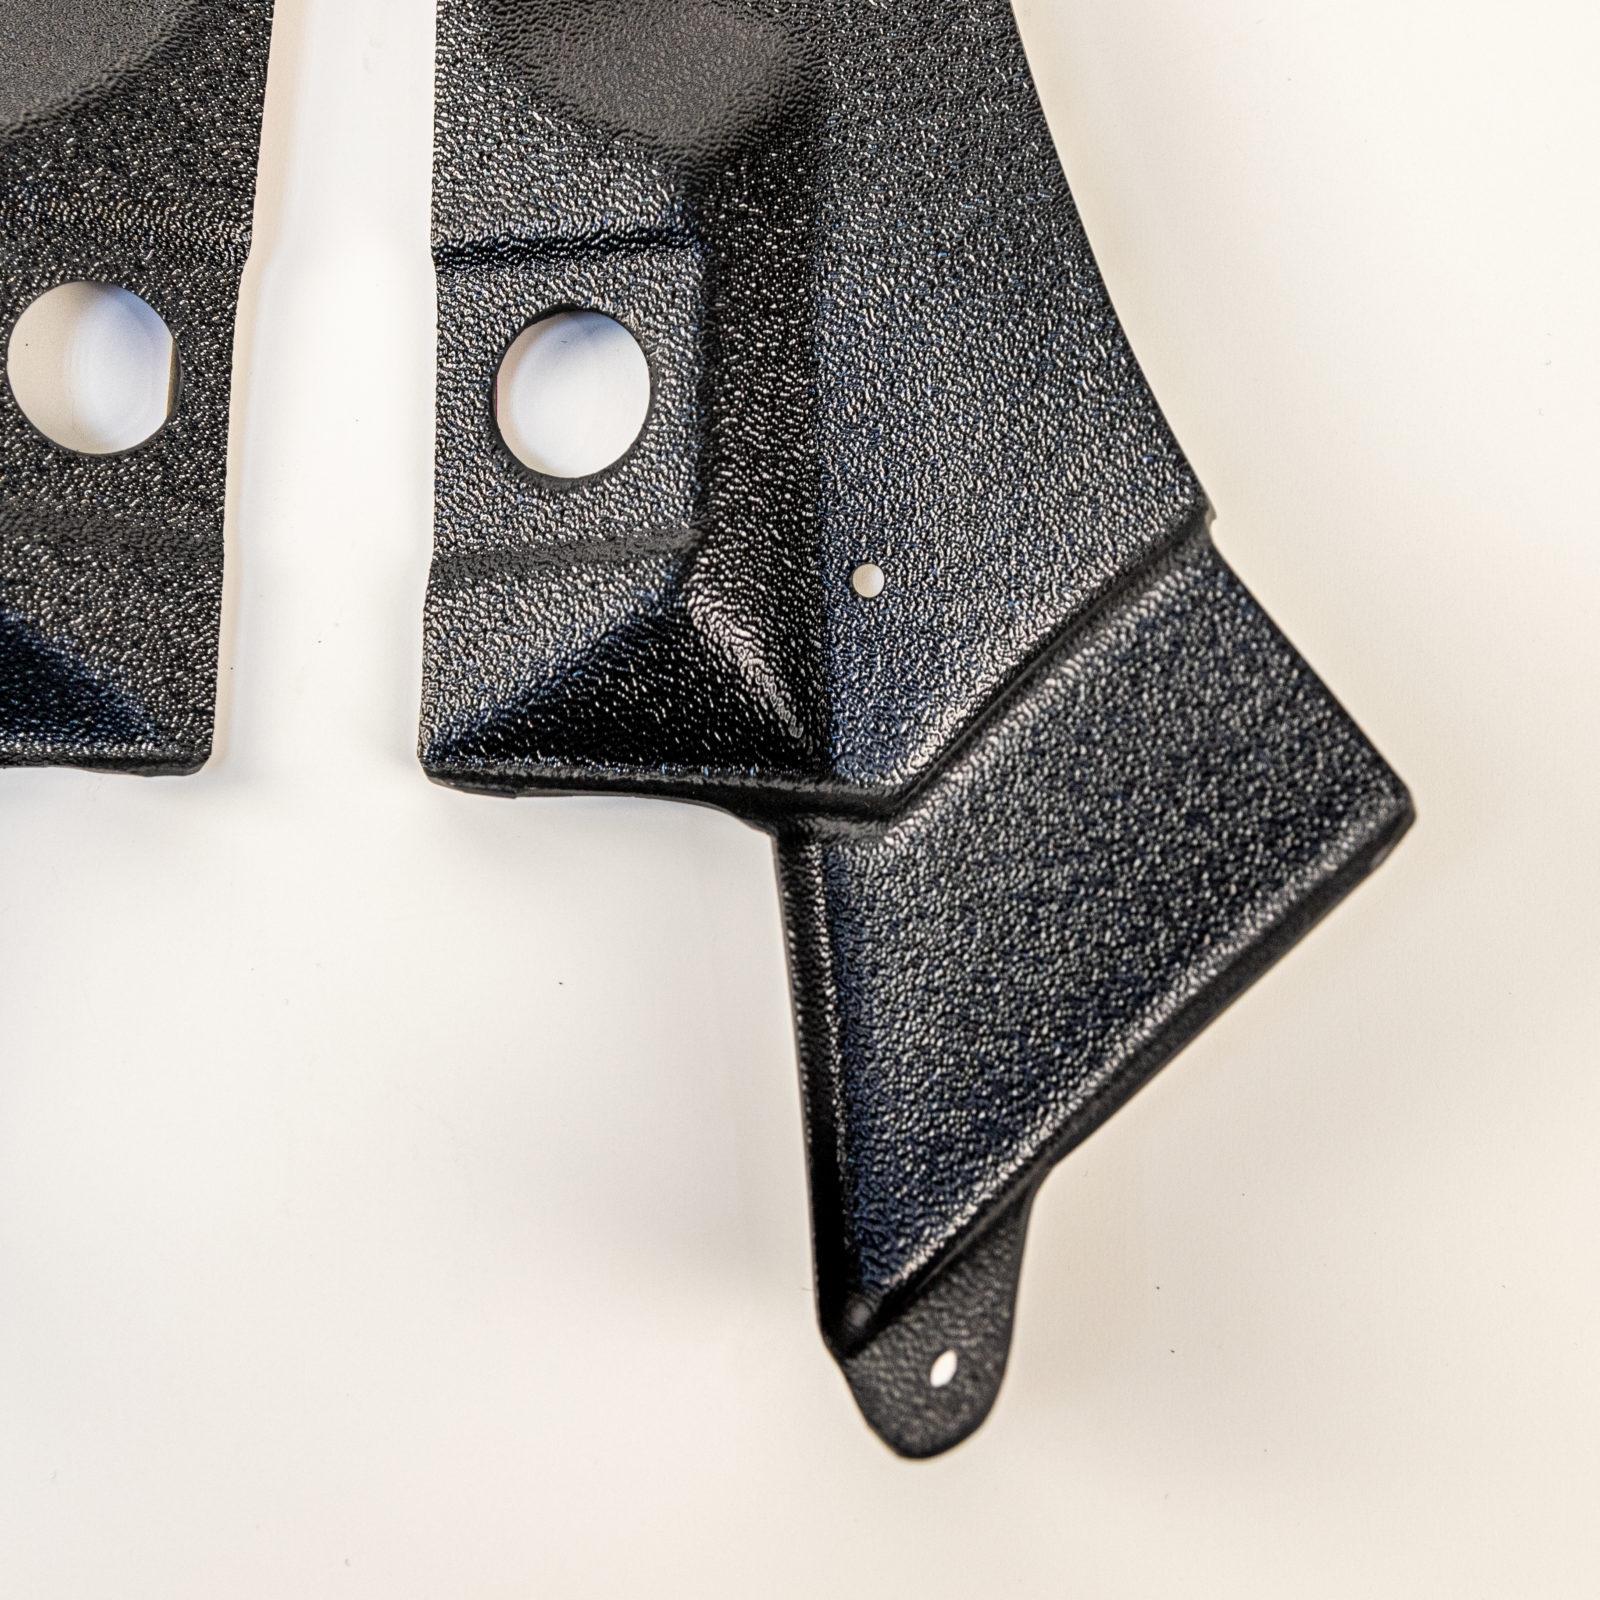 Жабо боковые передних крыльев Мавр укороченные для LADA Vesta